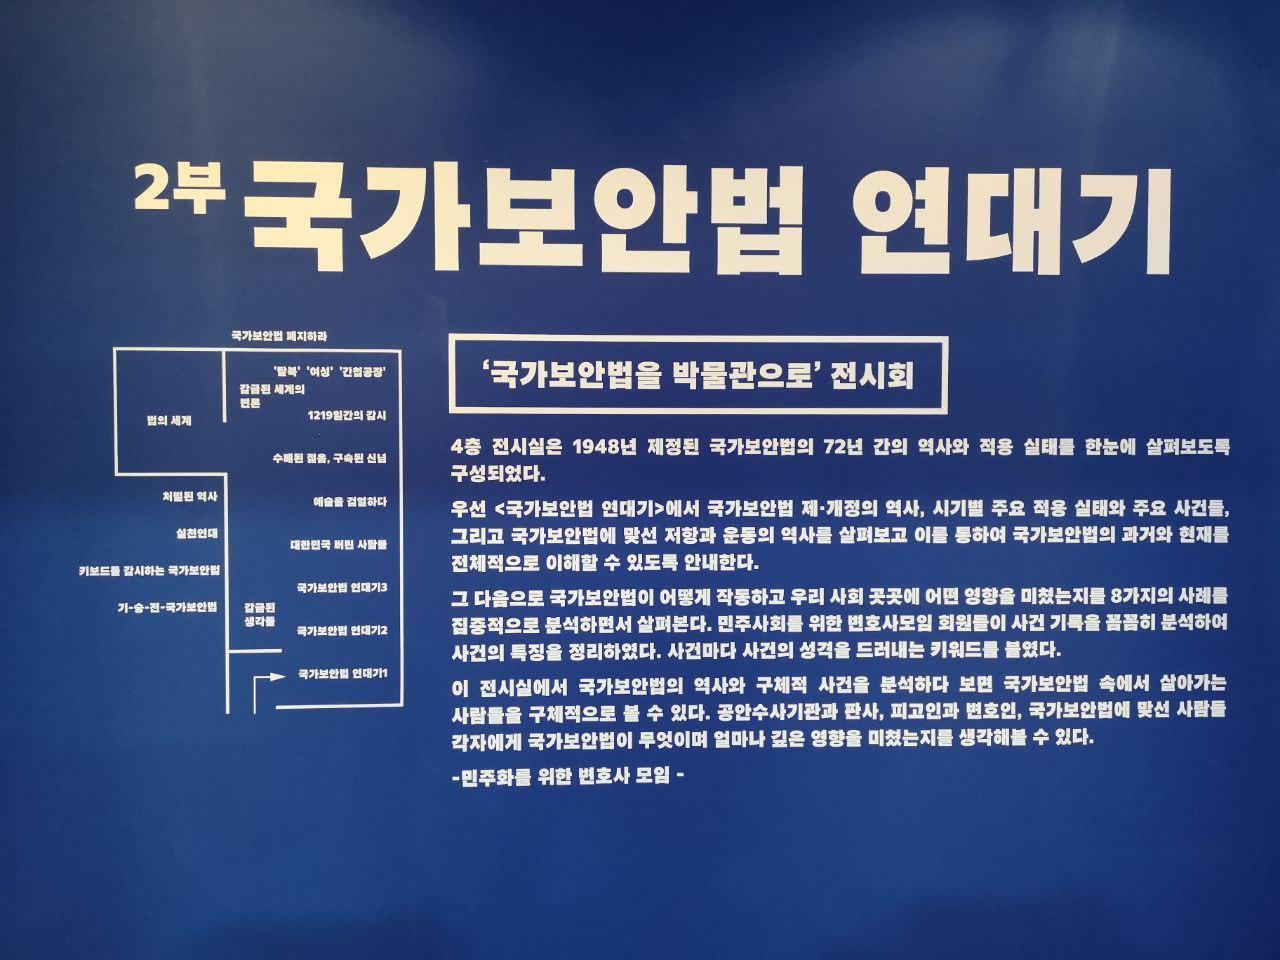 2부 국가보안법 연대기 안내판